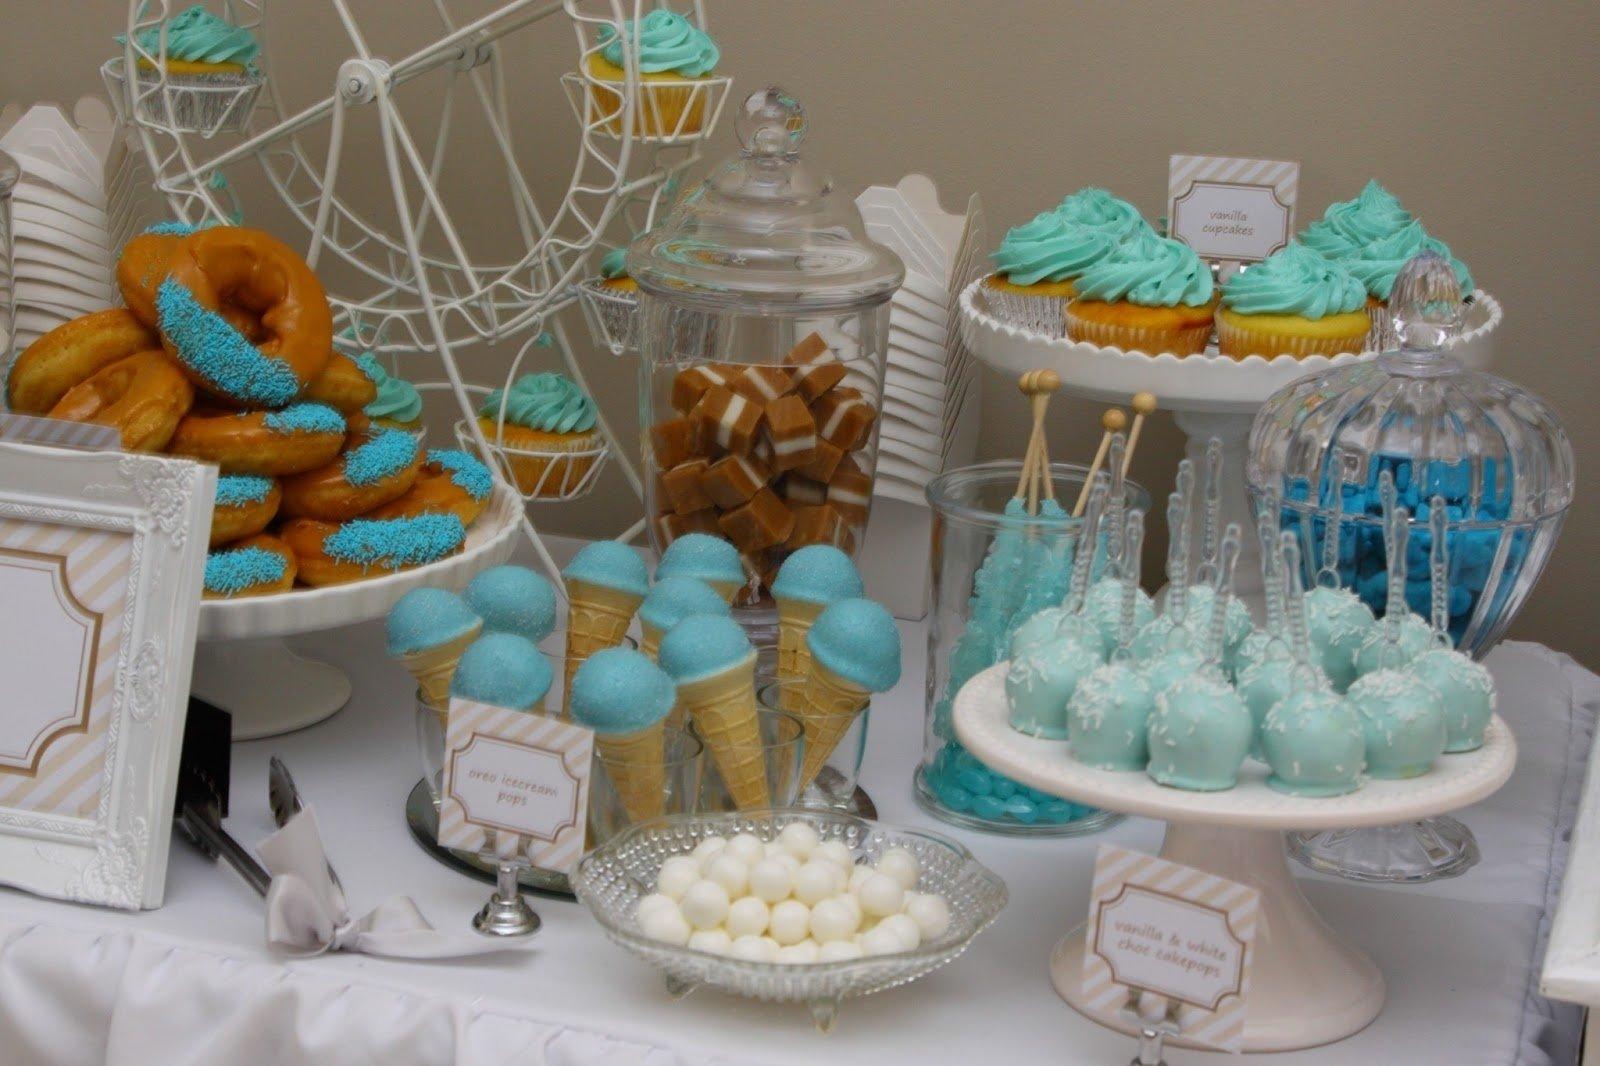 10 Stunning Baby Shower Food Ideas For Boy pretty looking baby shower food ideas for a boy homestartx com wedding 2020